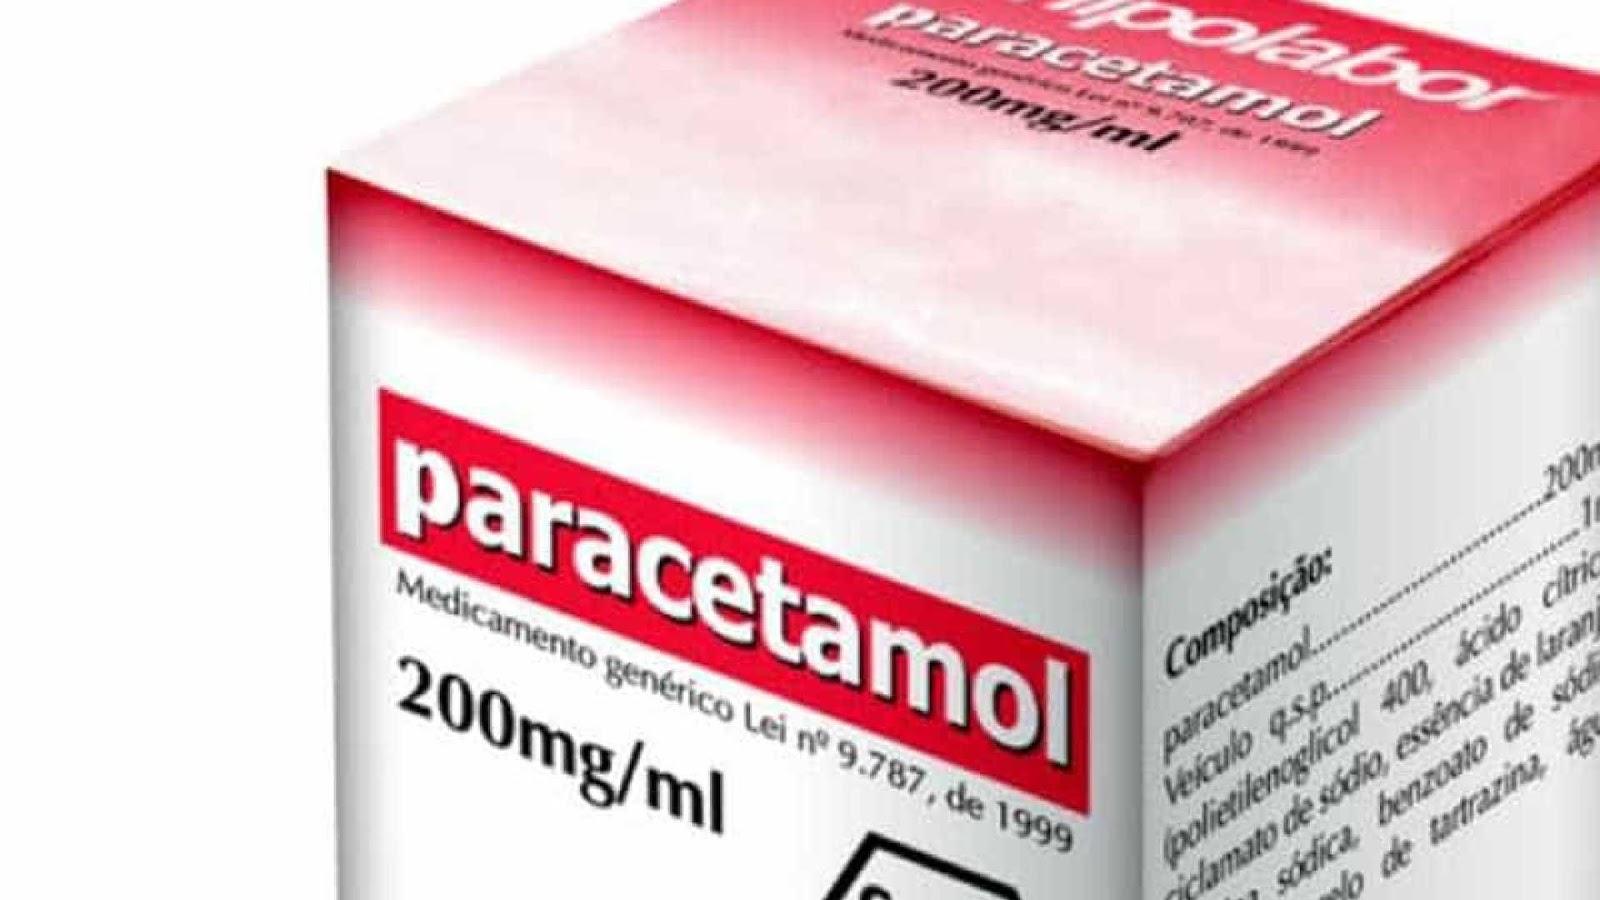 Resultado de imagem para Anvisa suspende lote de paracetamol